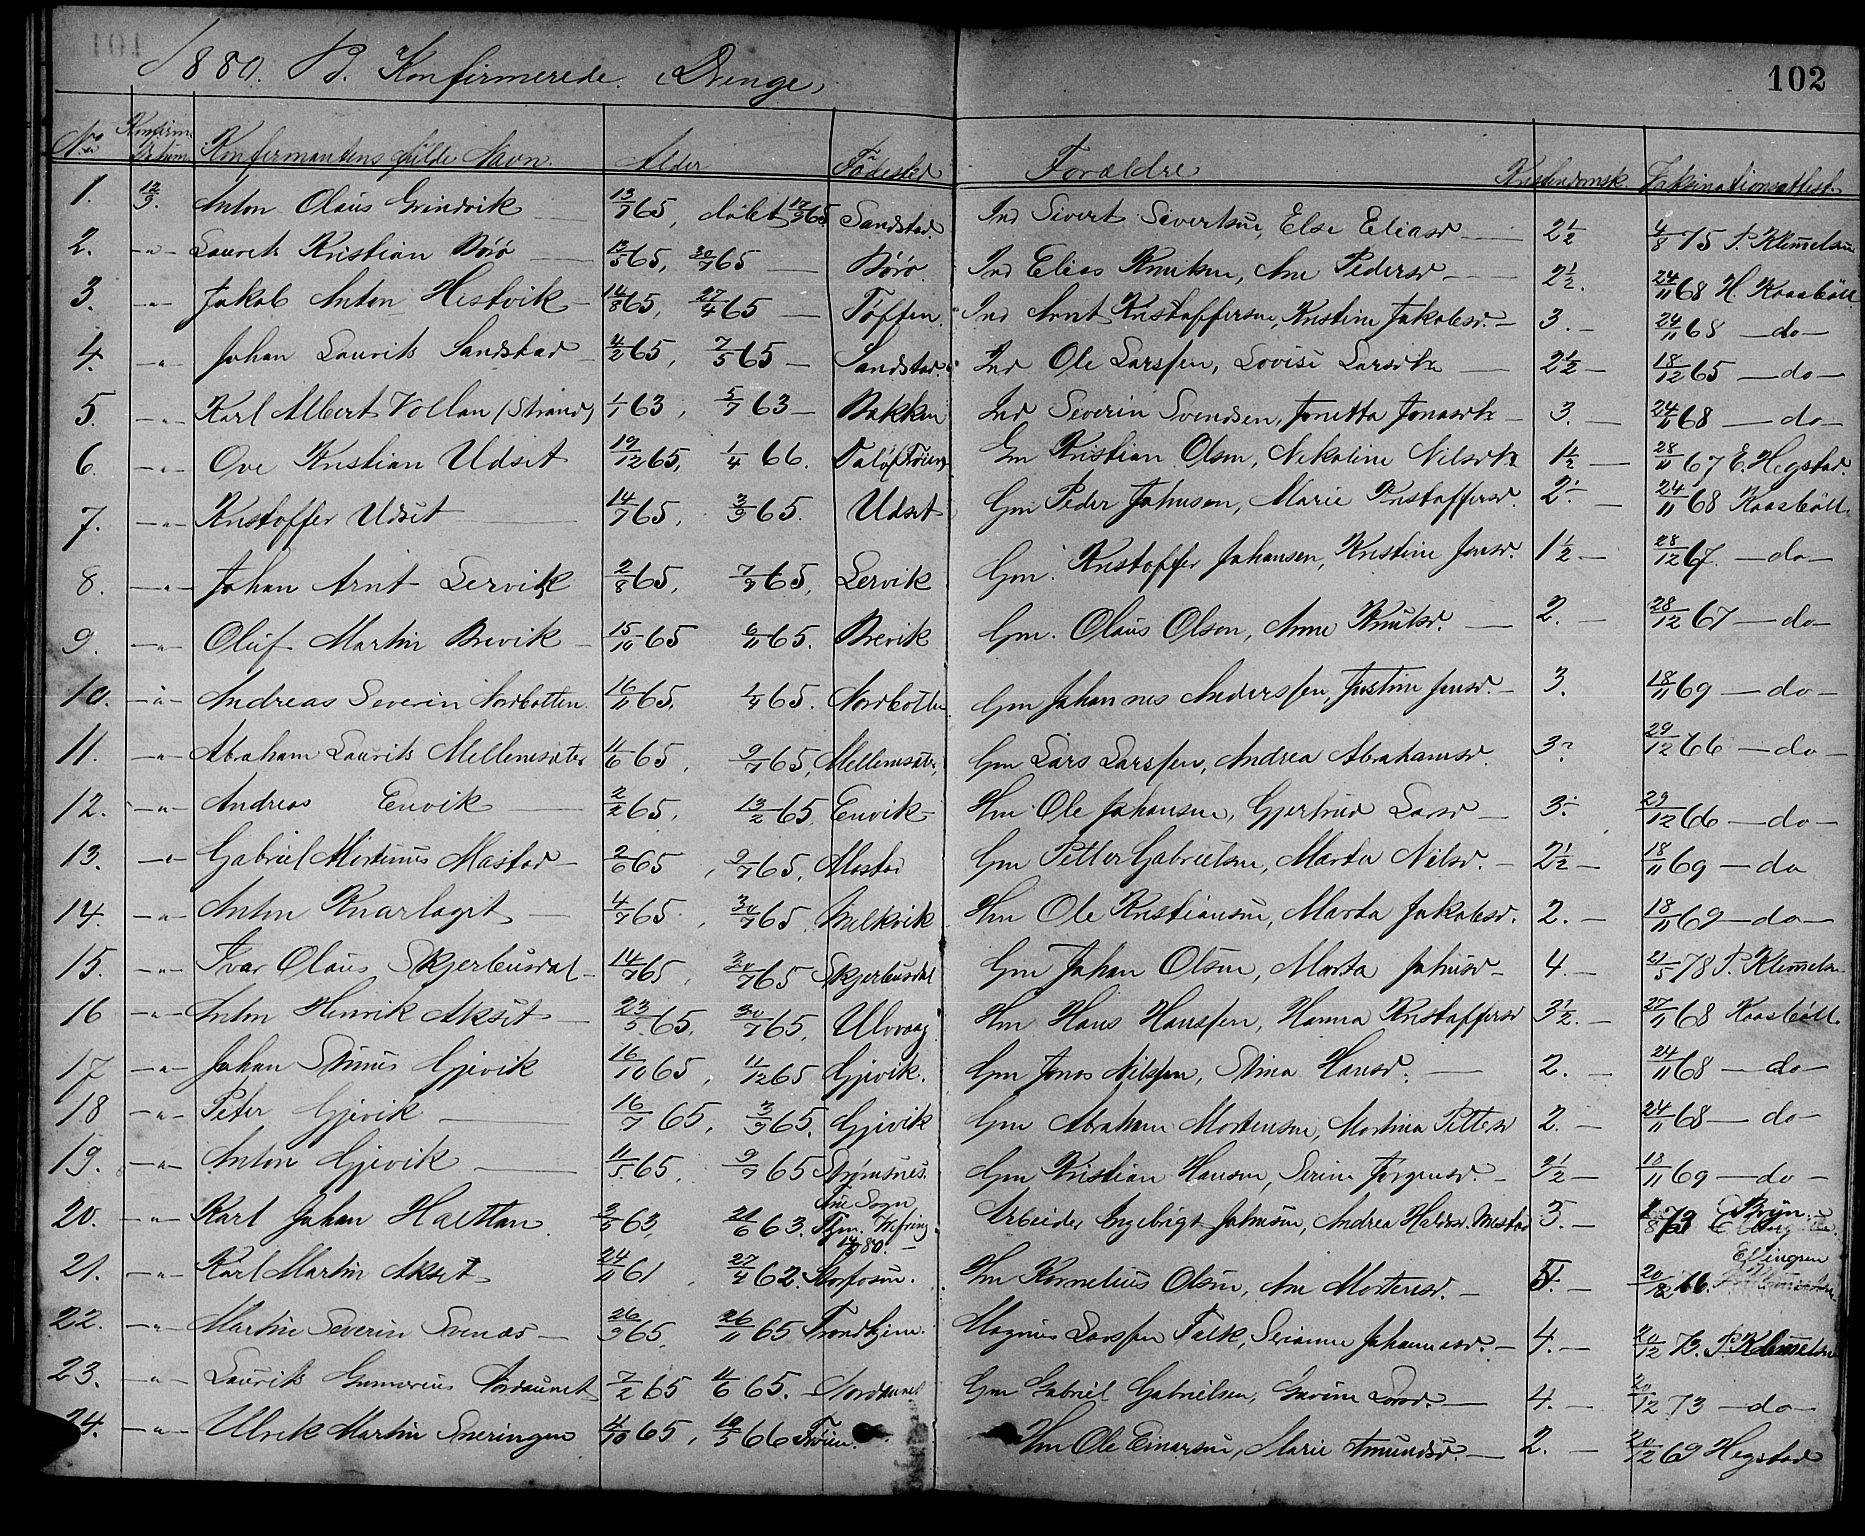 SAT, Ministerialprotokoller, klokkerbøker og fødselsregistre - Sør-Trøndelag, 637/L0561: Klokkerbok nr. 637C02, 1873-1882, s. 102